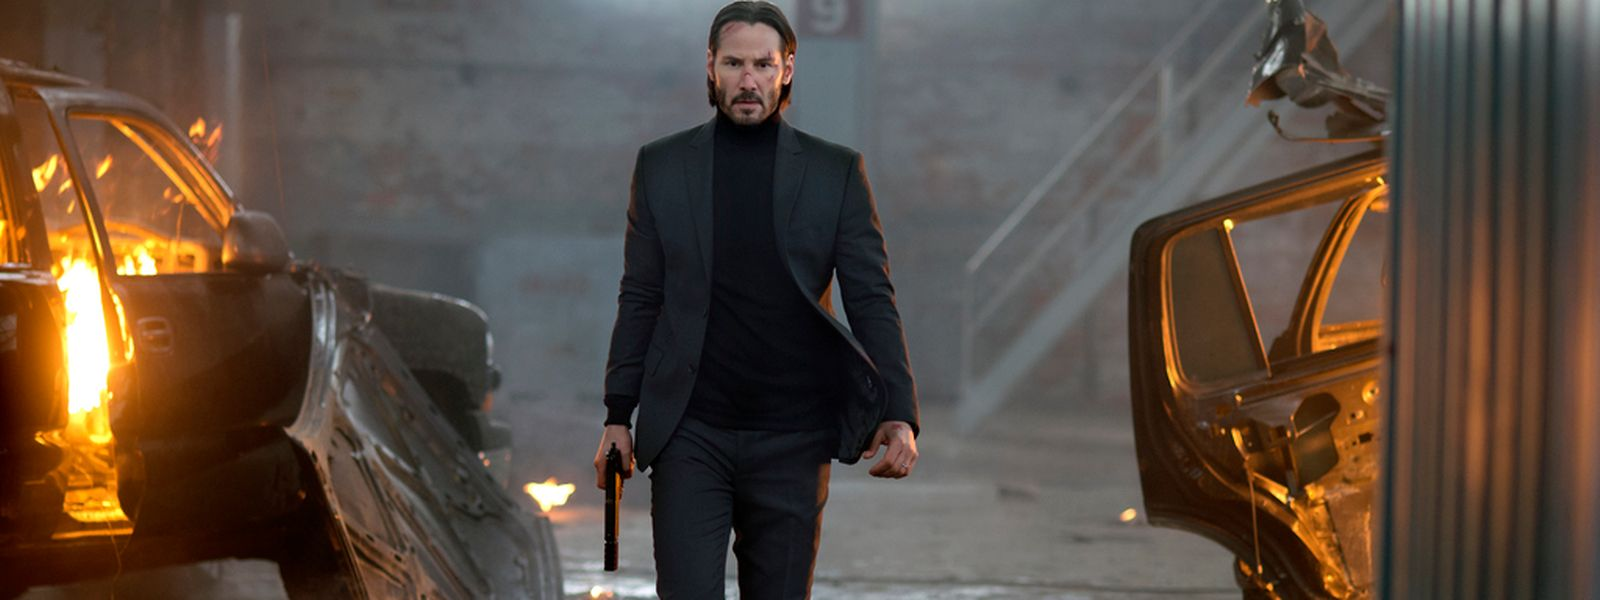 JohnWick (Keanu Reeves) ist der klassische Rächer: zielorientiert und unerbittlich – und zwar im Designer-Bodycut-Outfit.